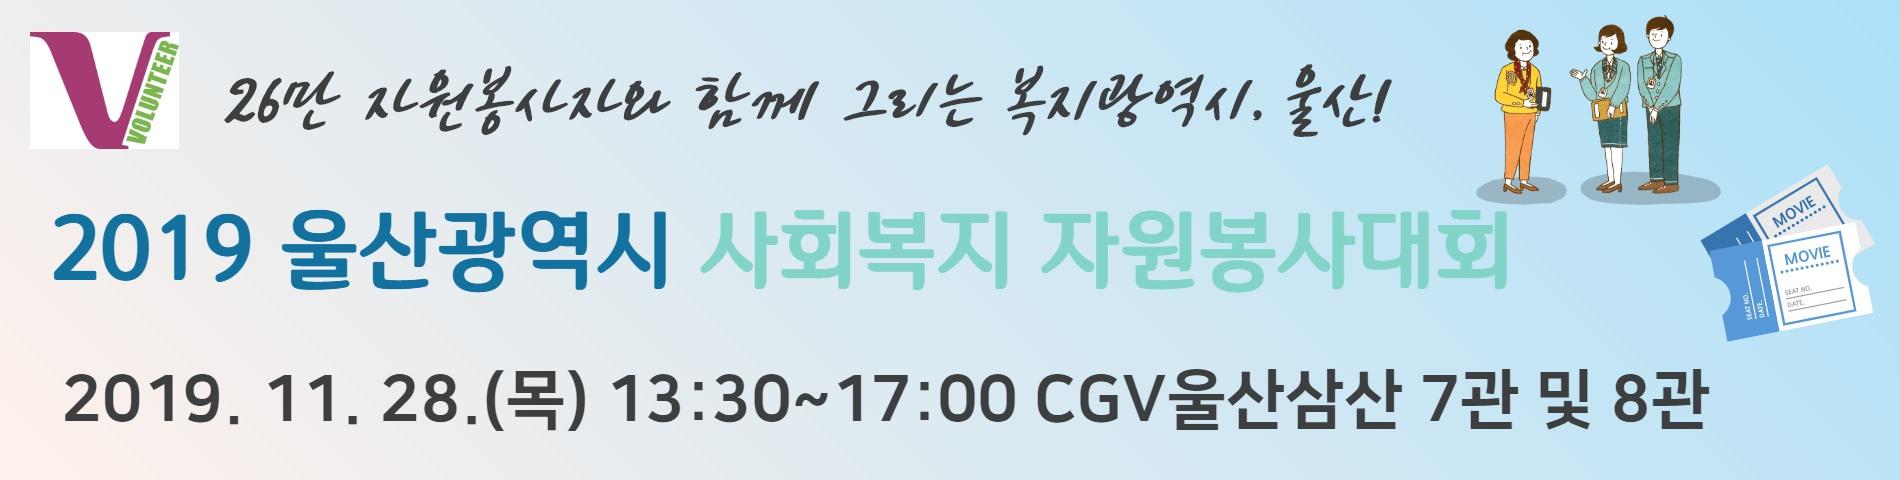 2019 울산사회복지자원봉사대회